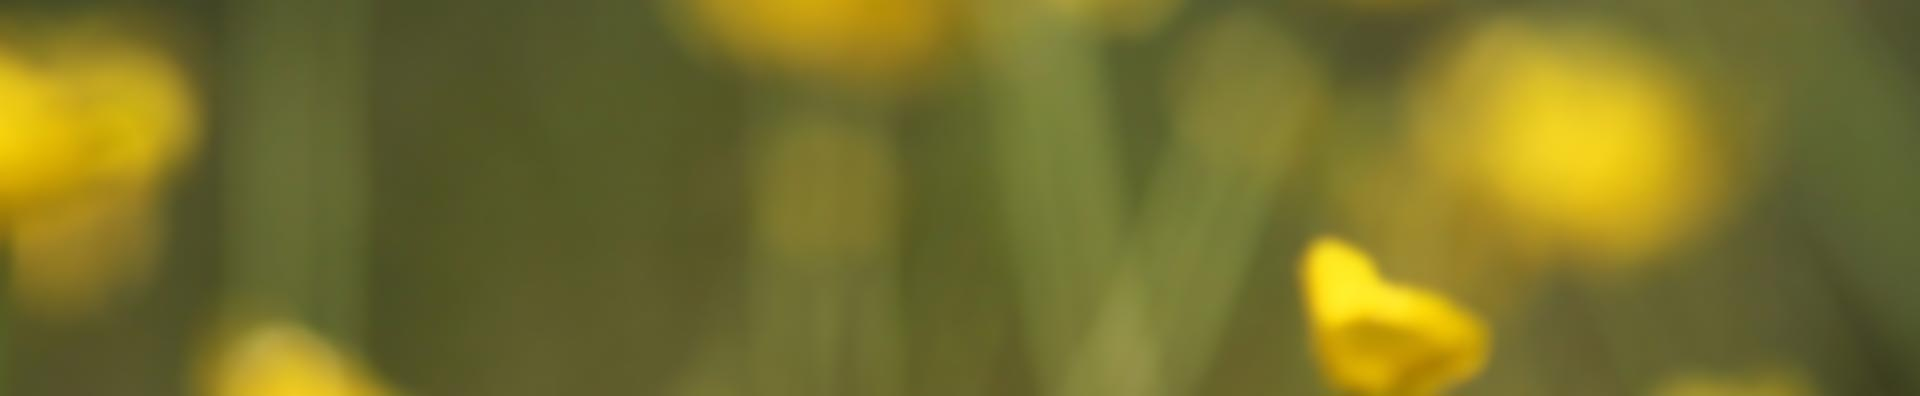 Ekokampaamo-parturi Hiusmeri